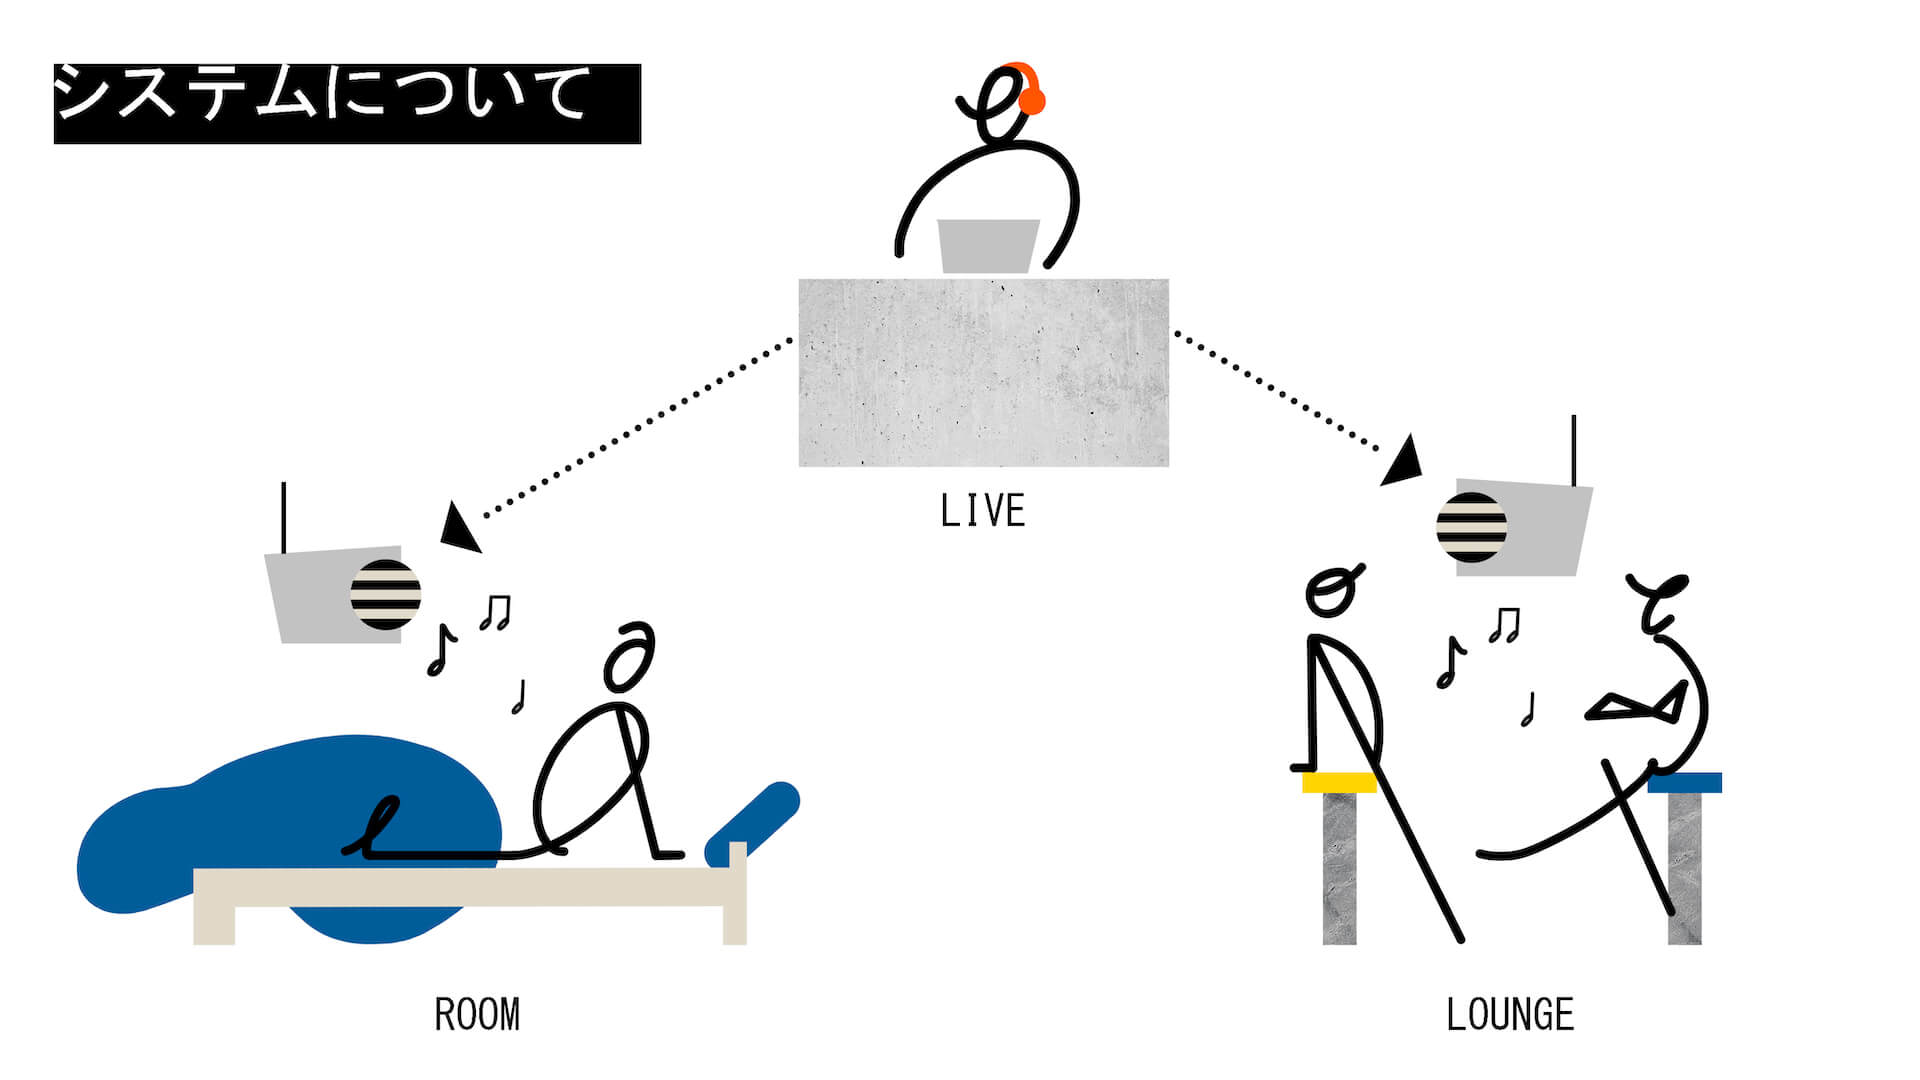 岩壁音楽祭による宿泊型アンビエントライブイベント<STAY IN AMBIENT>が開催!Seihoによる限定ライブも music210406_stayinambient_2